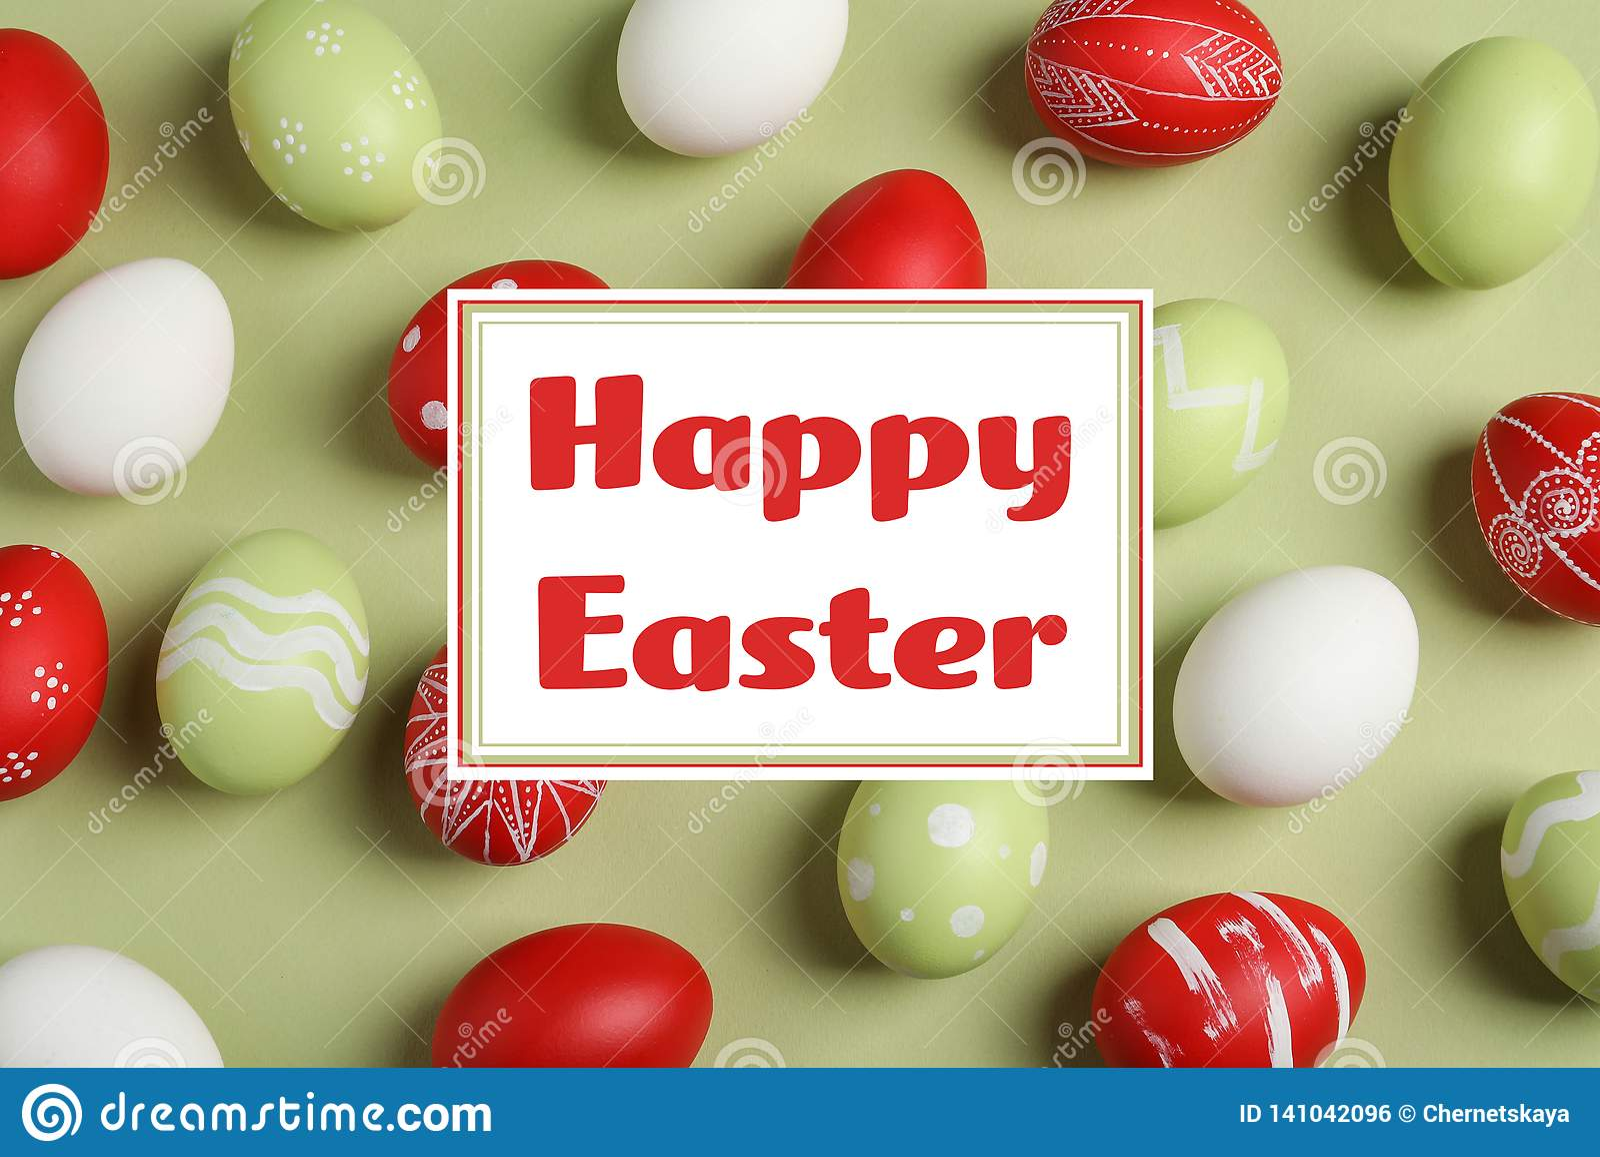 Composição colocada lisa de ovos pintados e da Páscoa feliz do texto